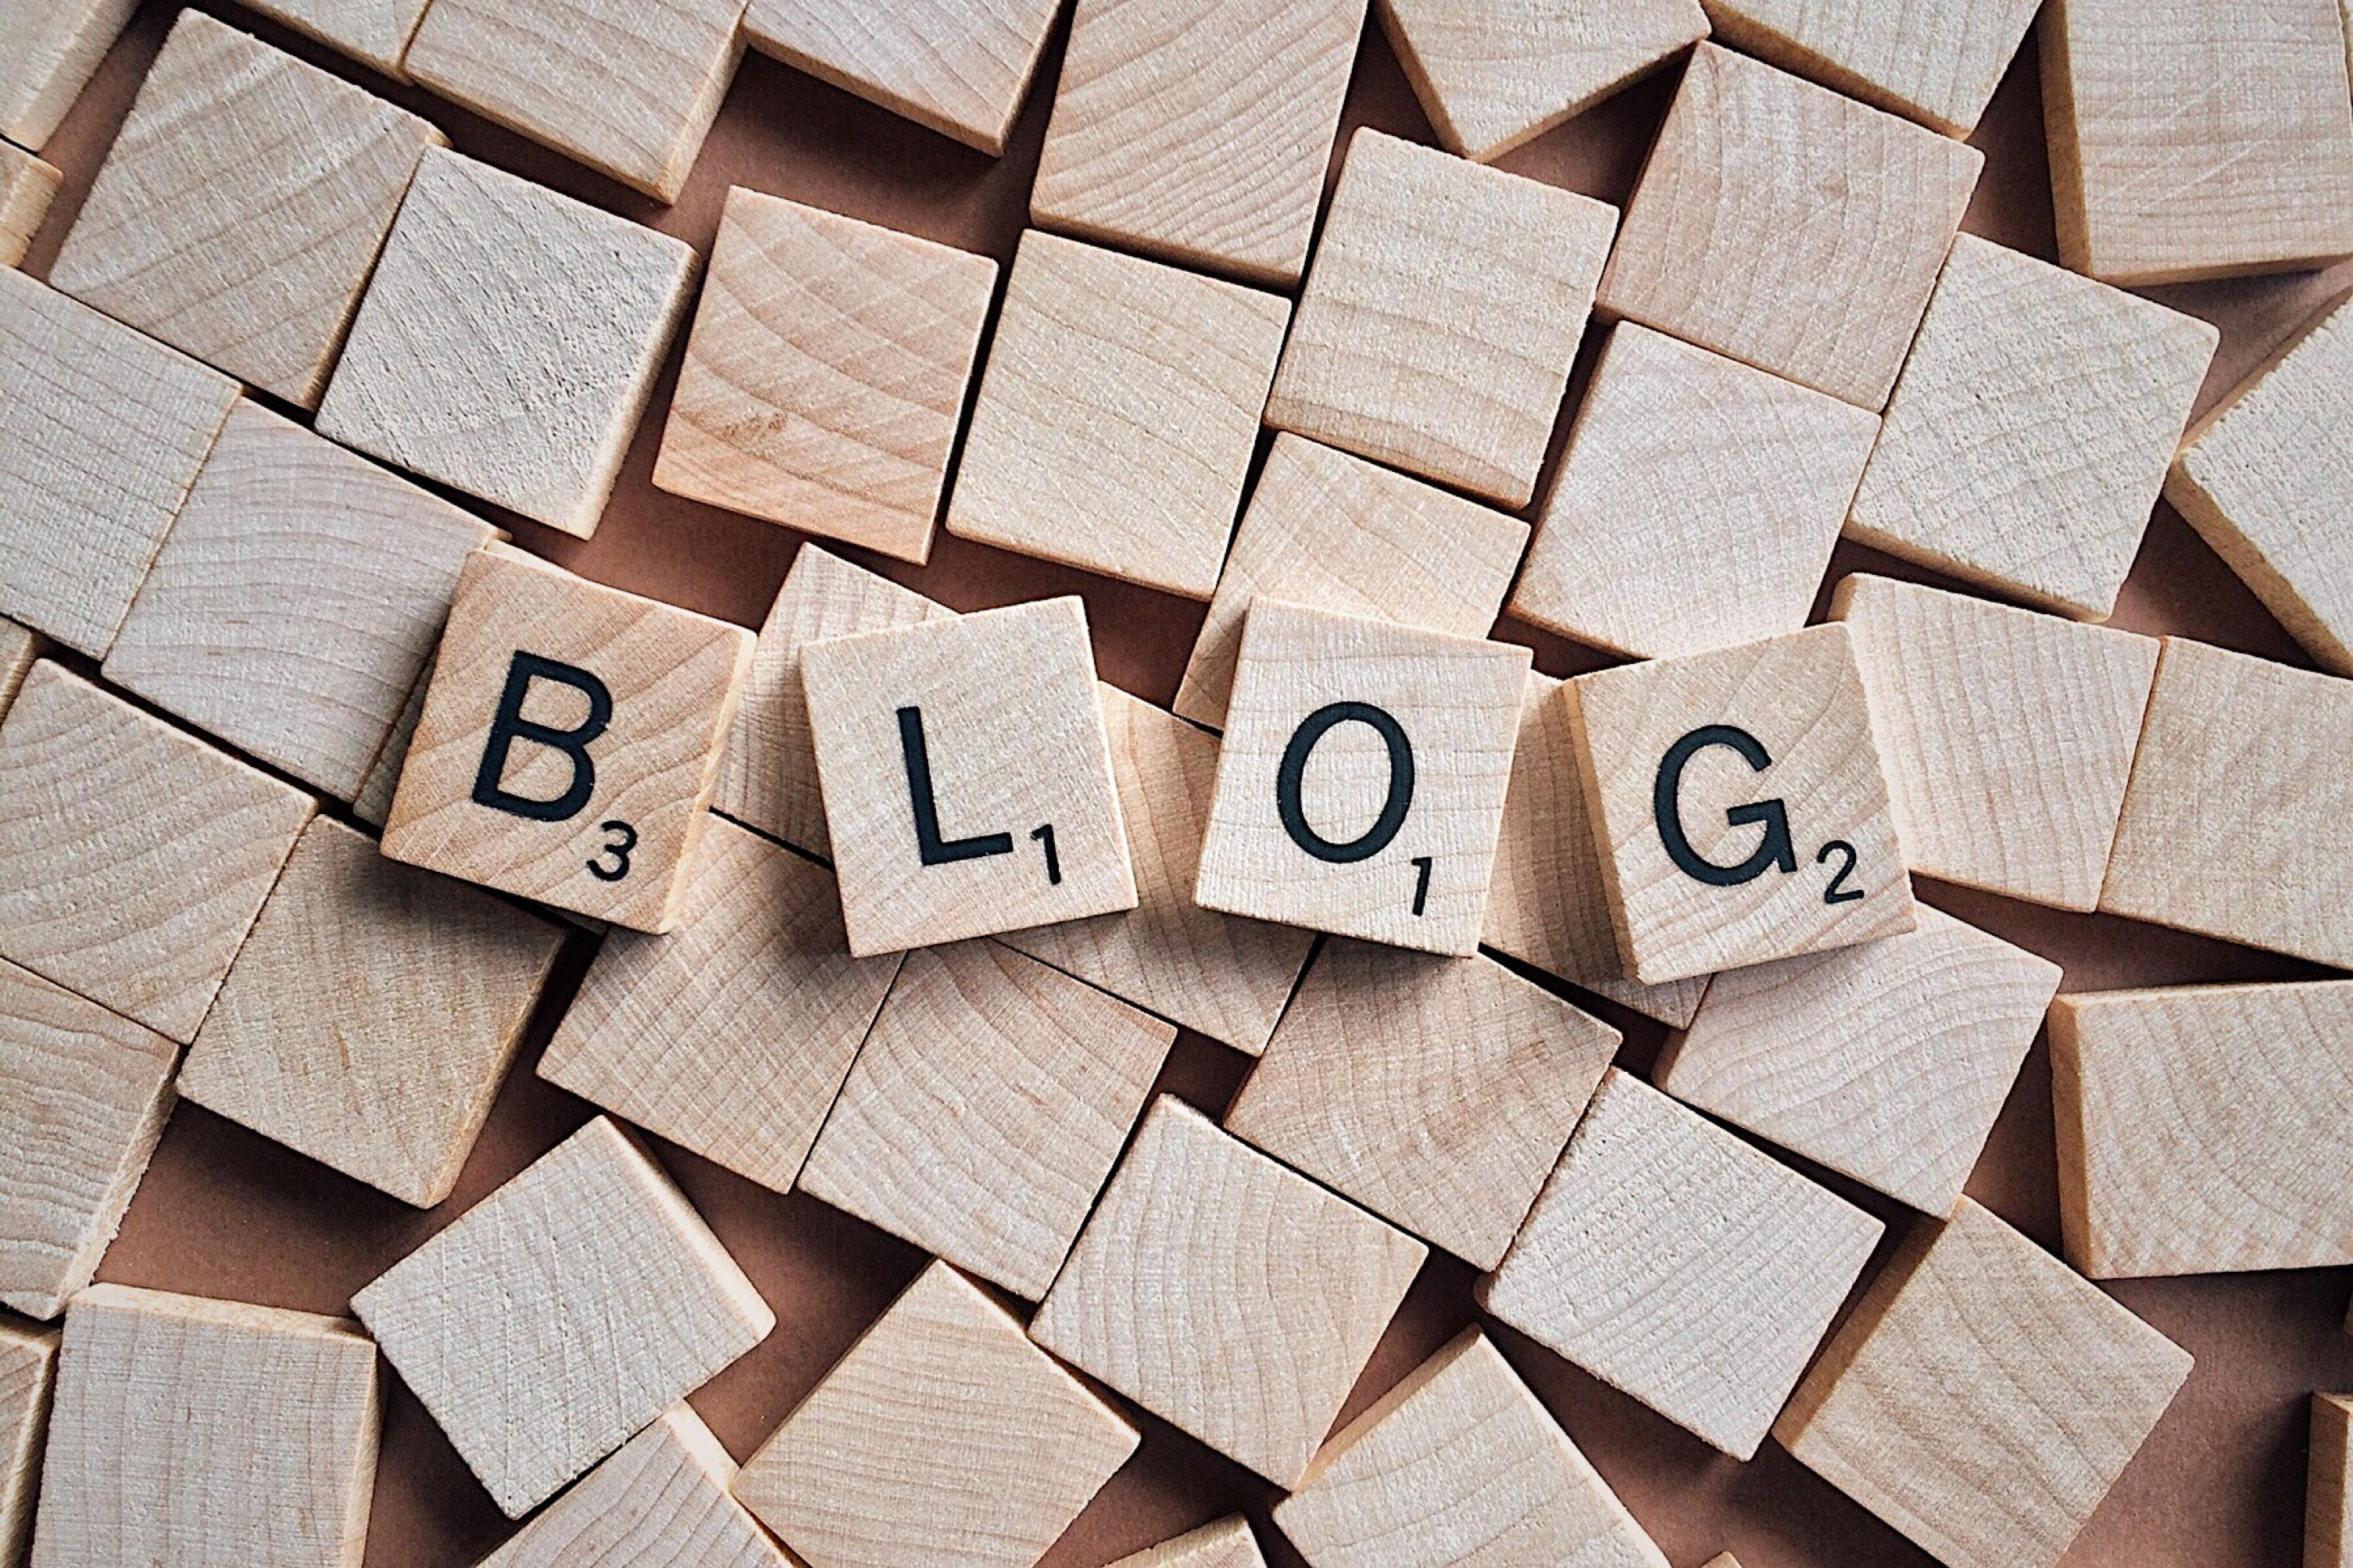 3-Titelbild-Unternehmensblog-Blog-Scrabble-pixabay-2355684-Wokandapix